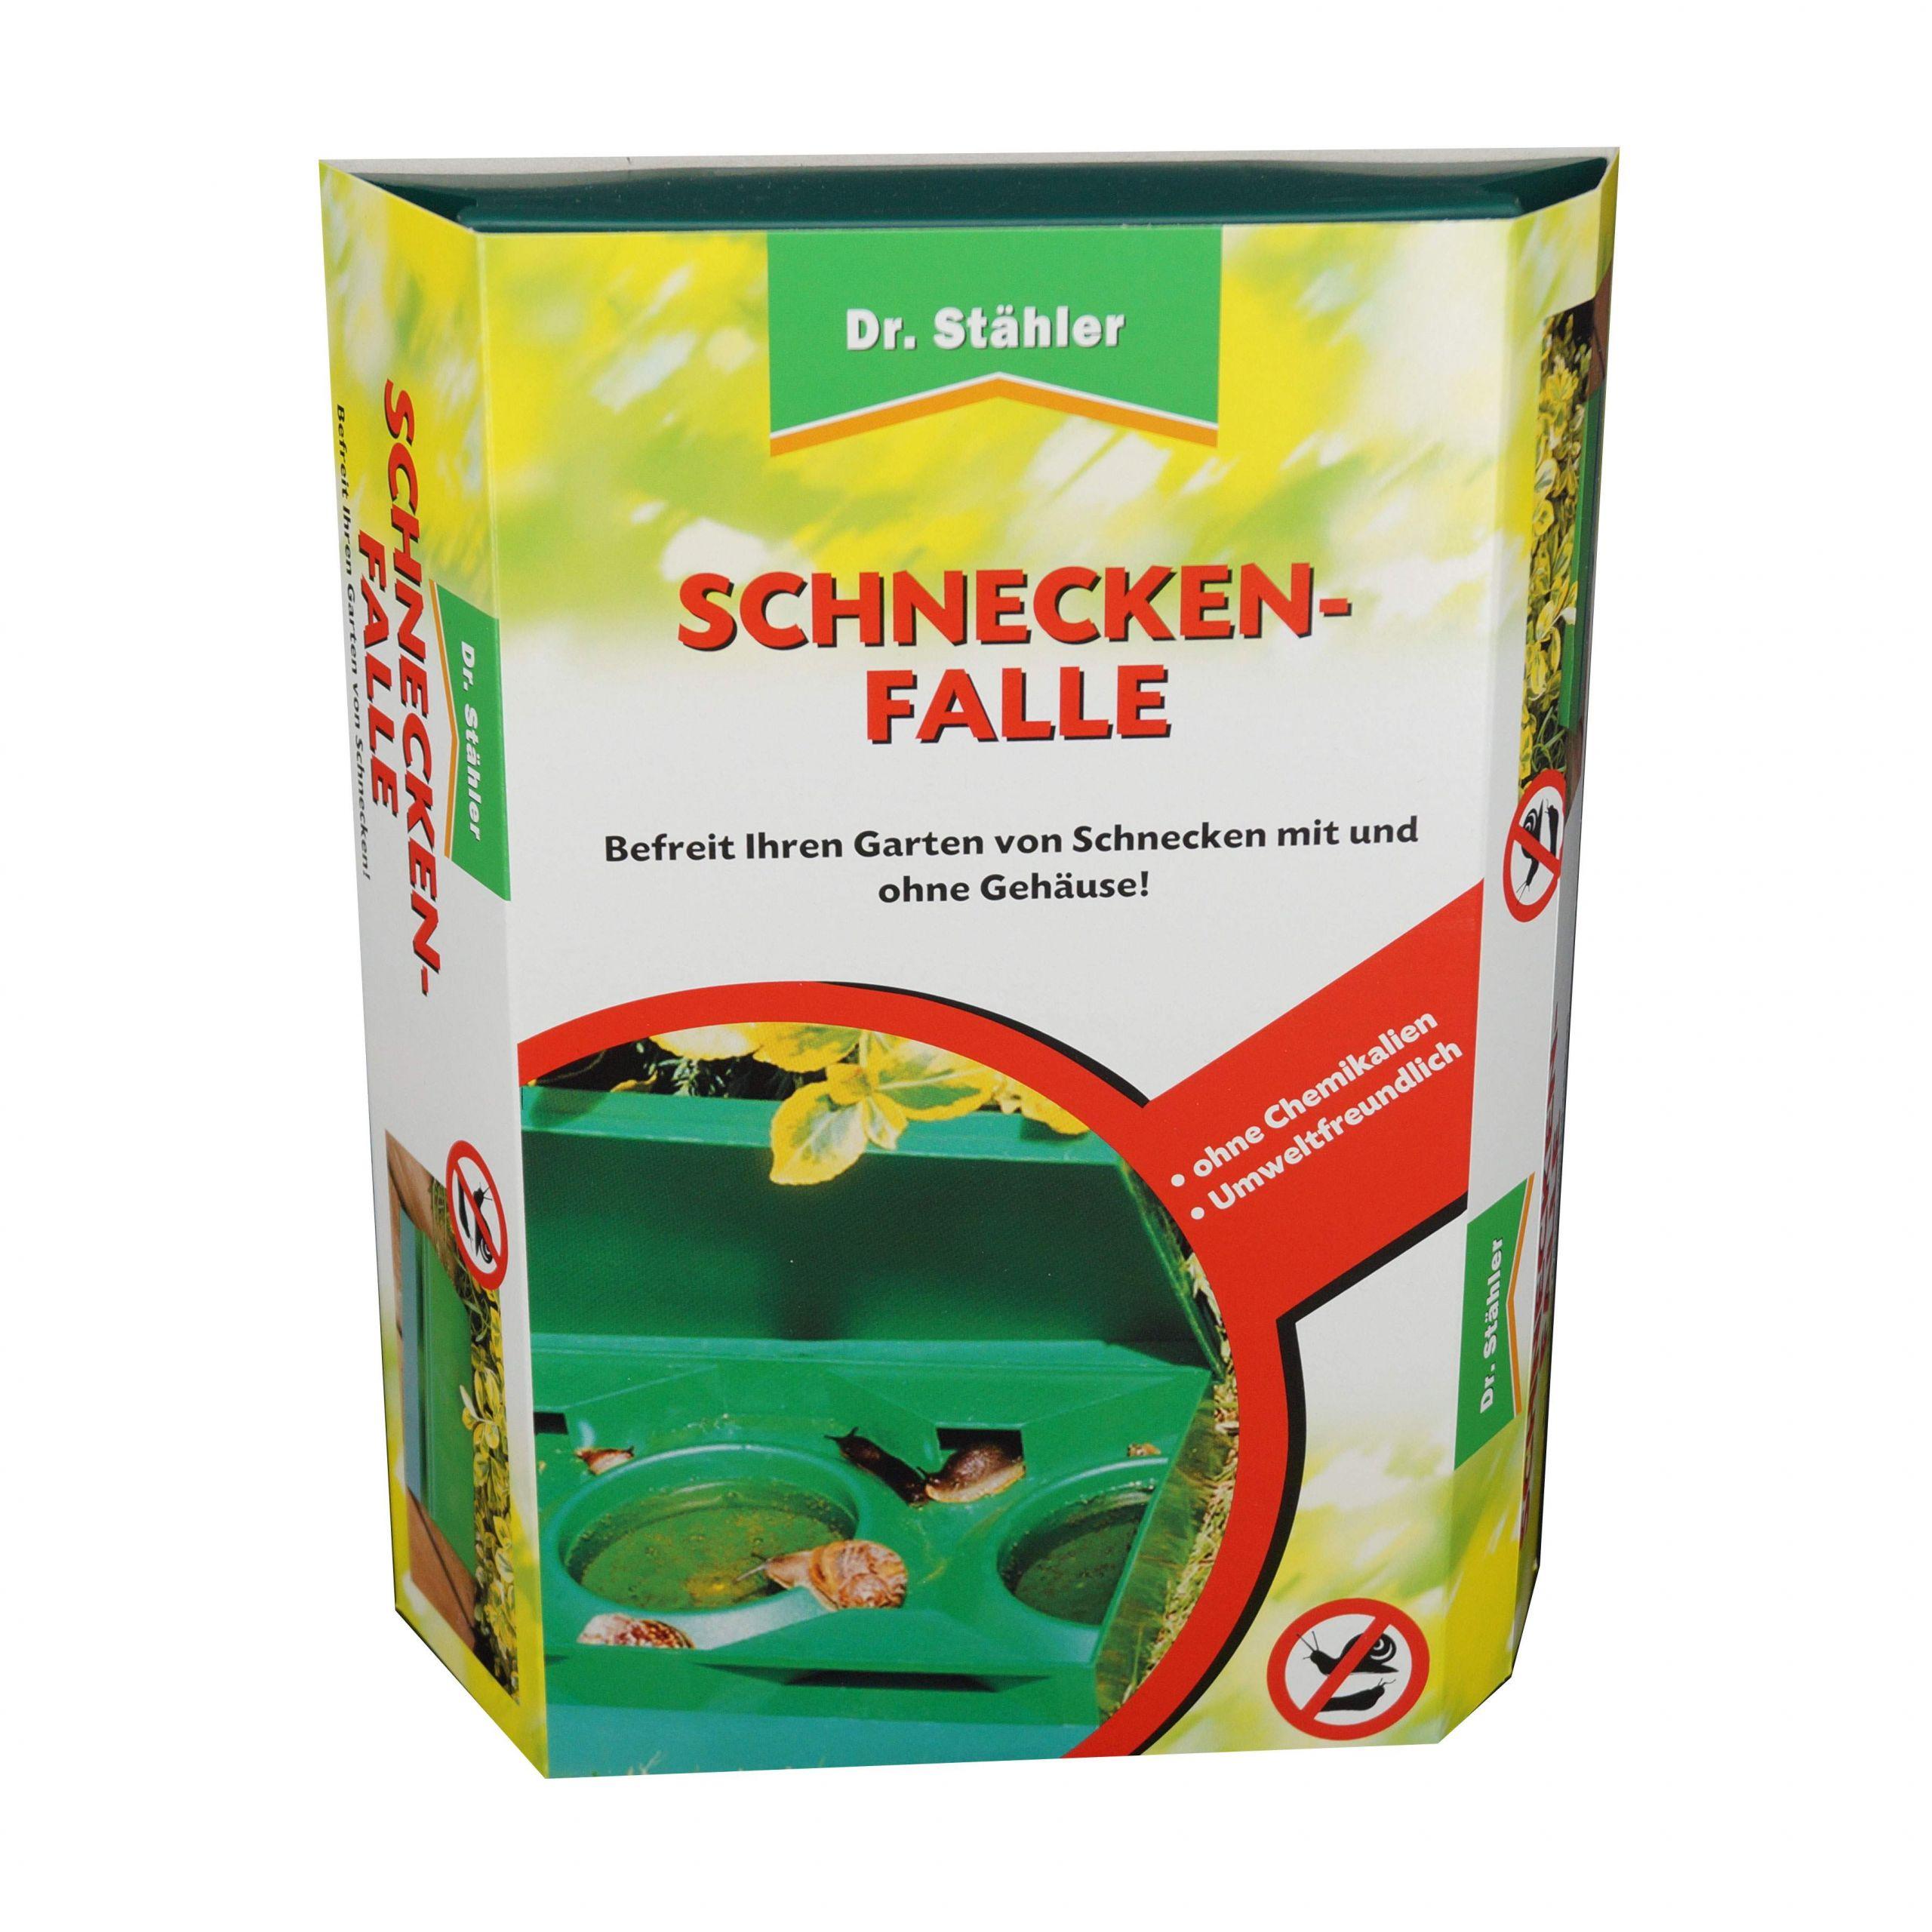 XXX9106 Schneckenfalle13S3aGa6ed3XZR